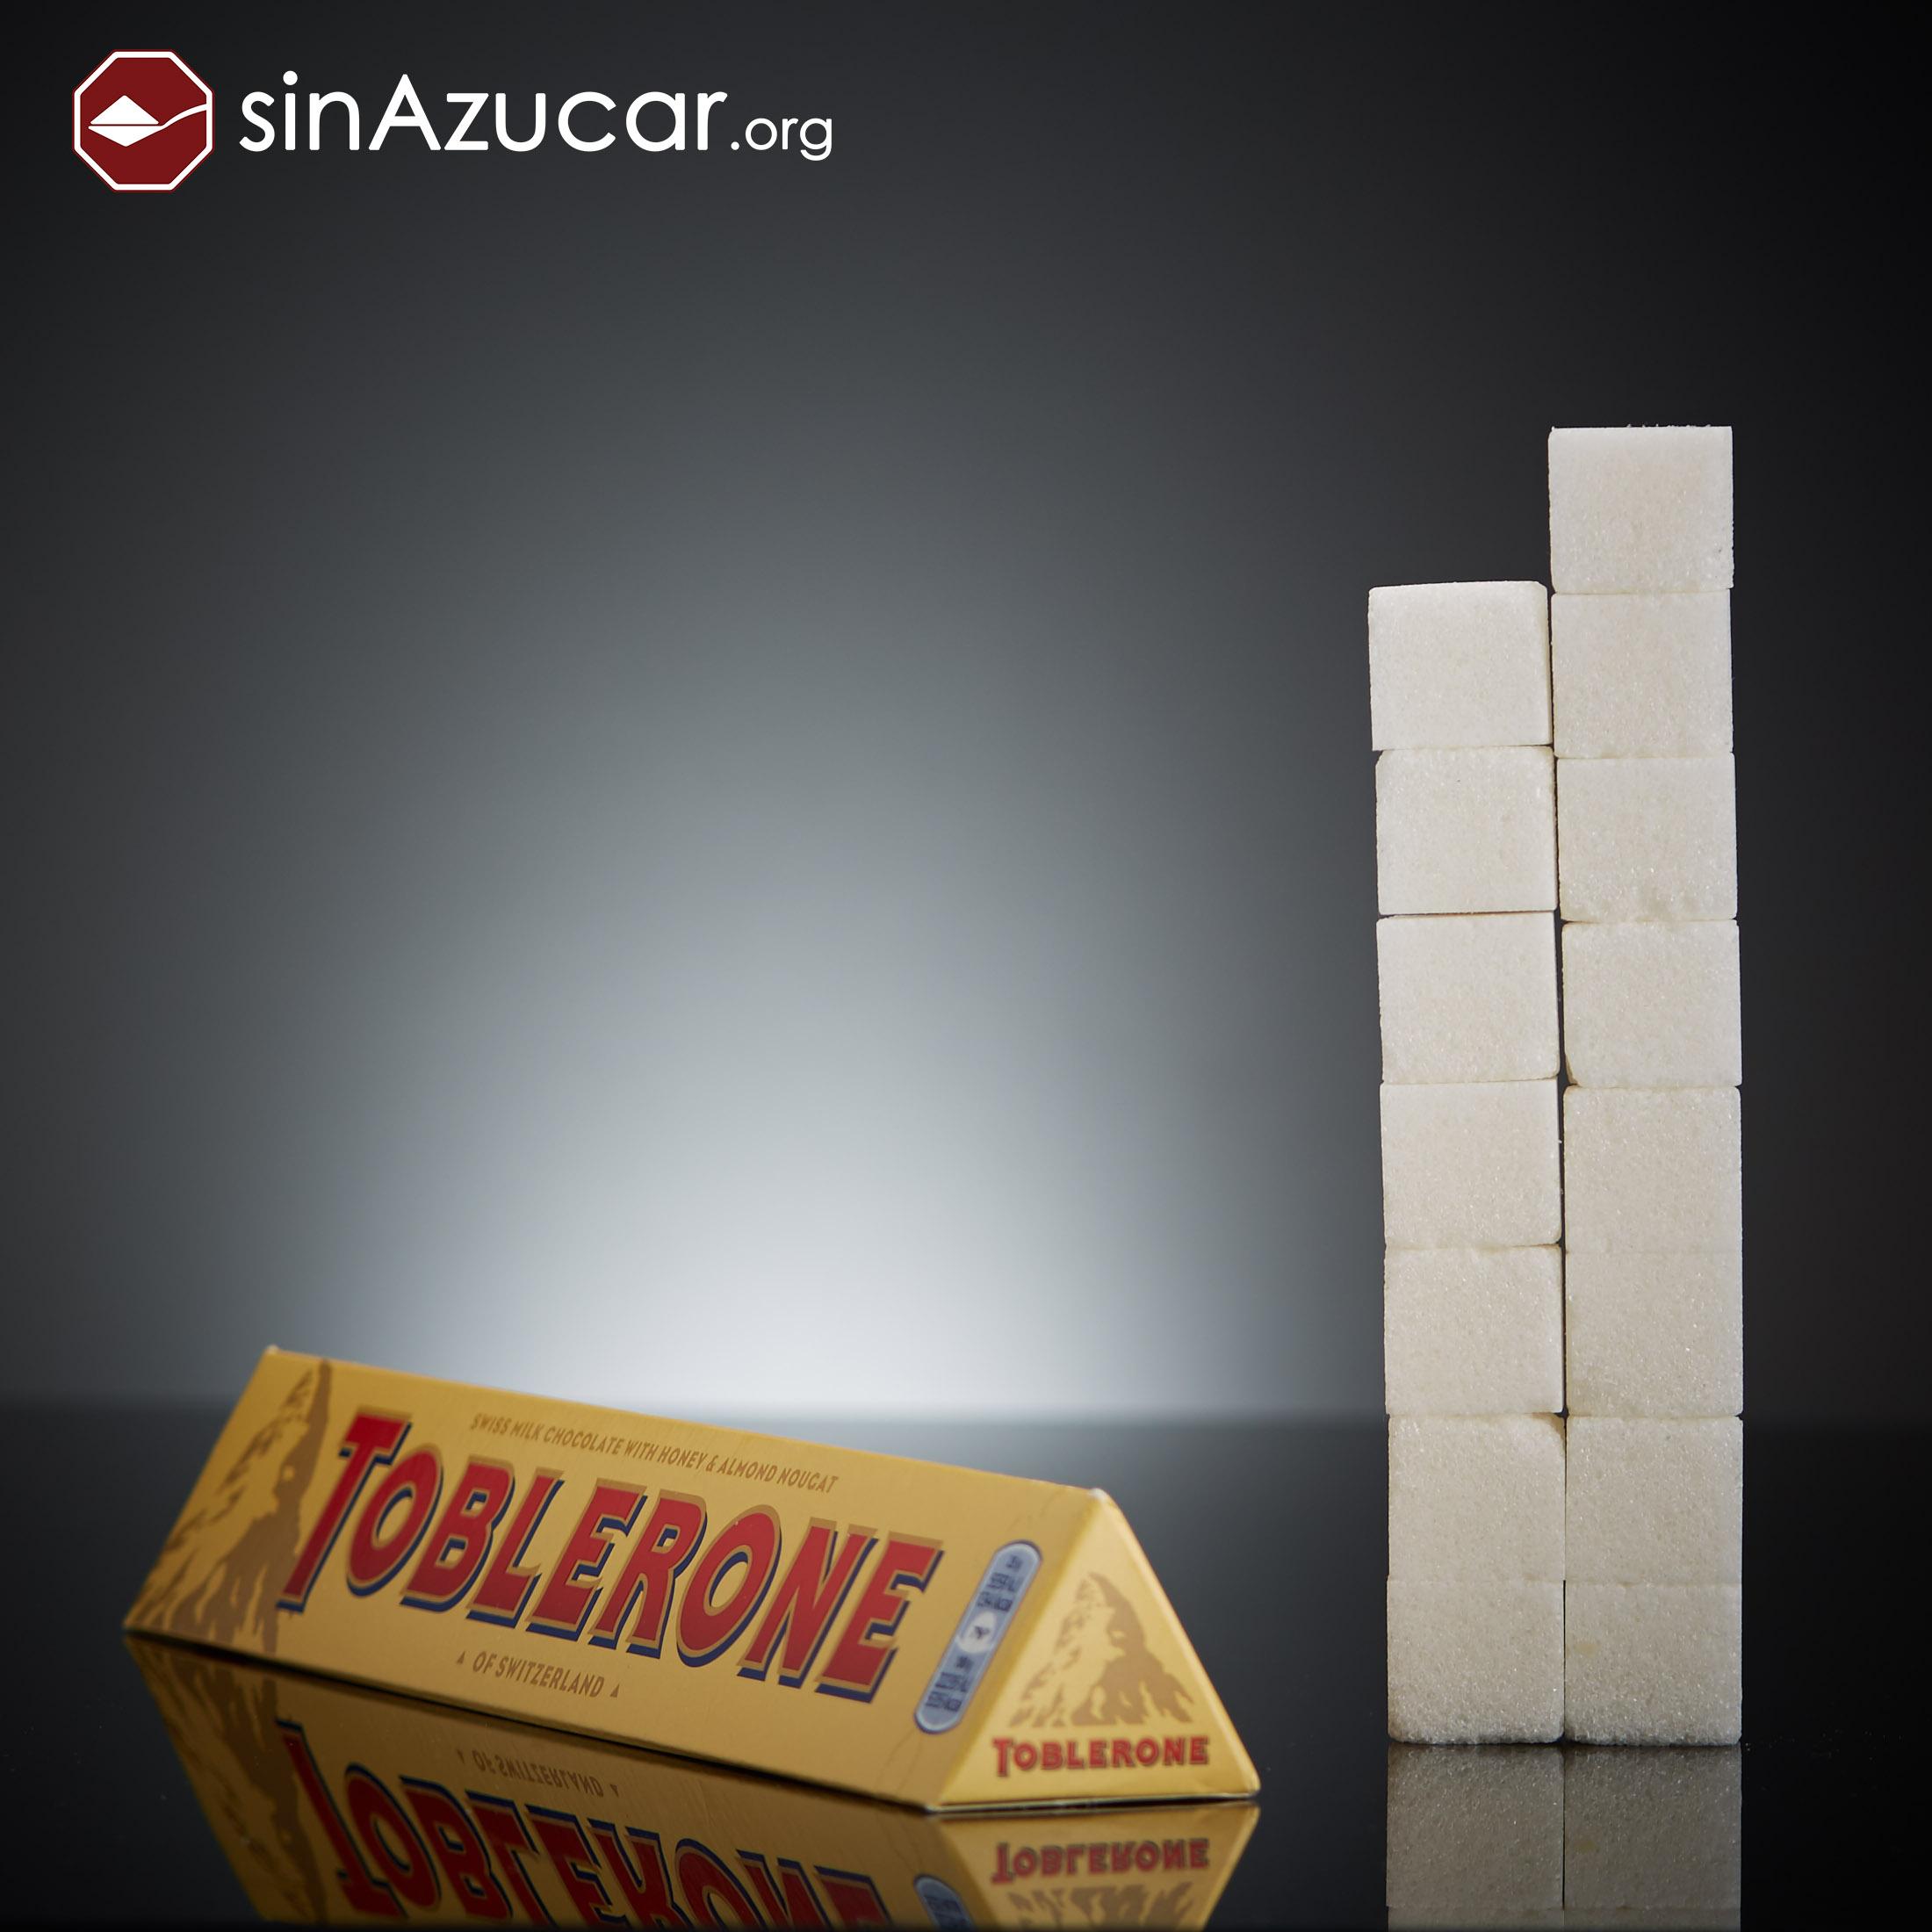 Toblerone quantos gramas de açúcar tem